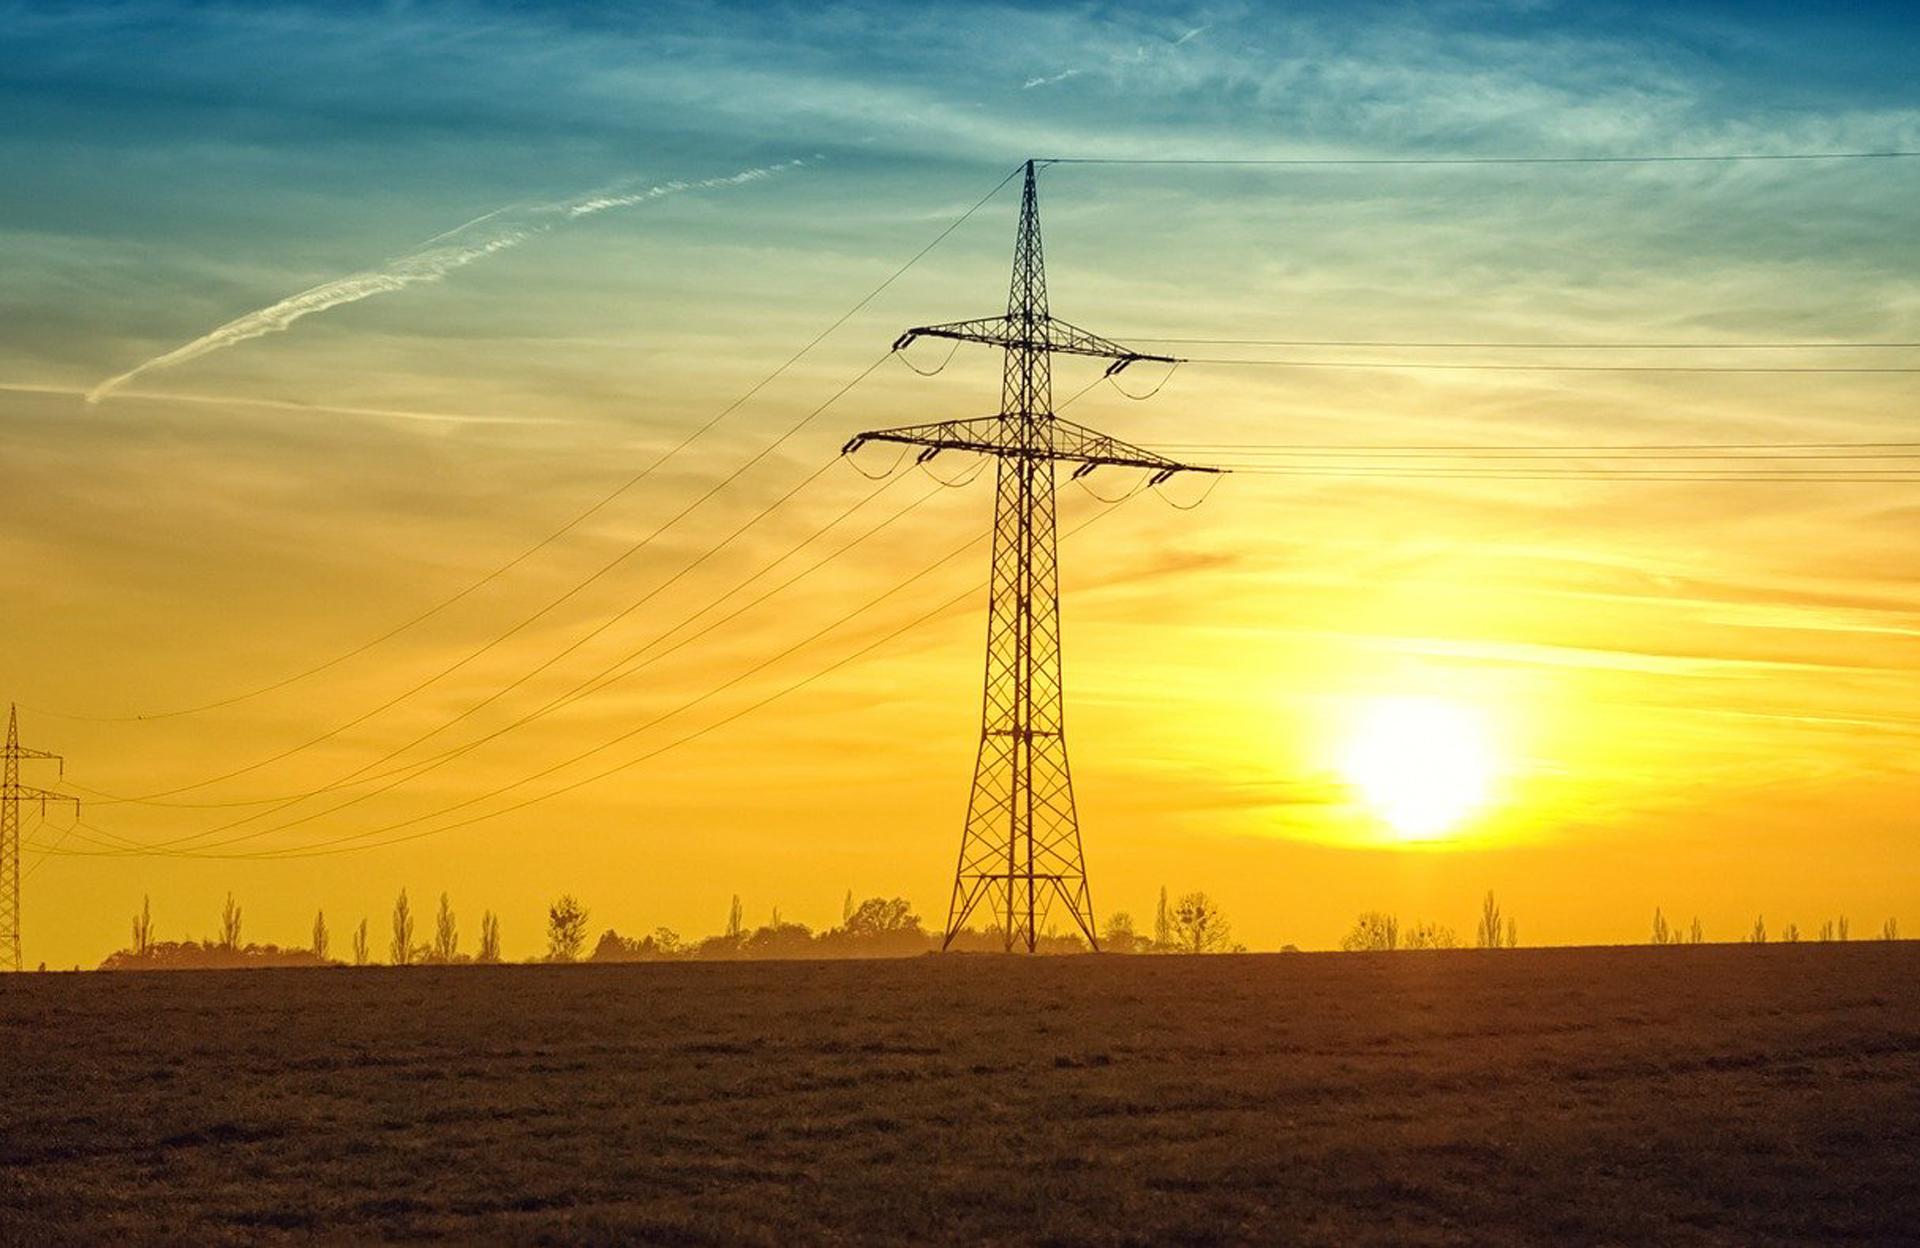 La mala calidad del suministro eléctrico provoca pérdidas cuantiosas en las empresas